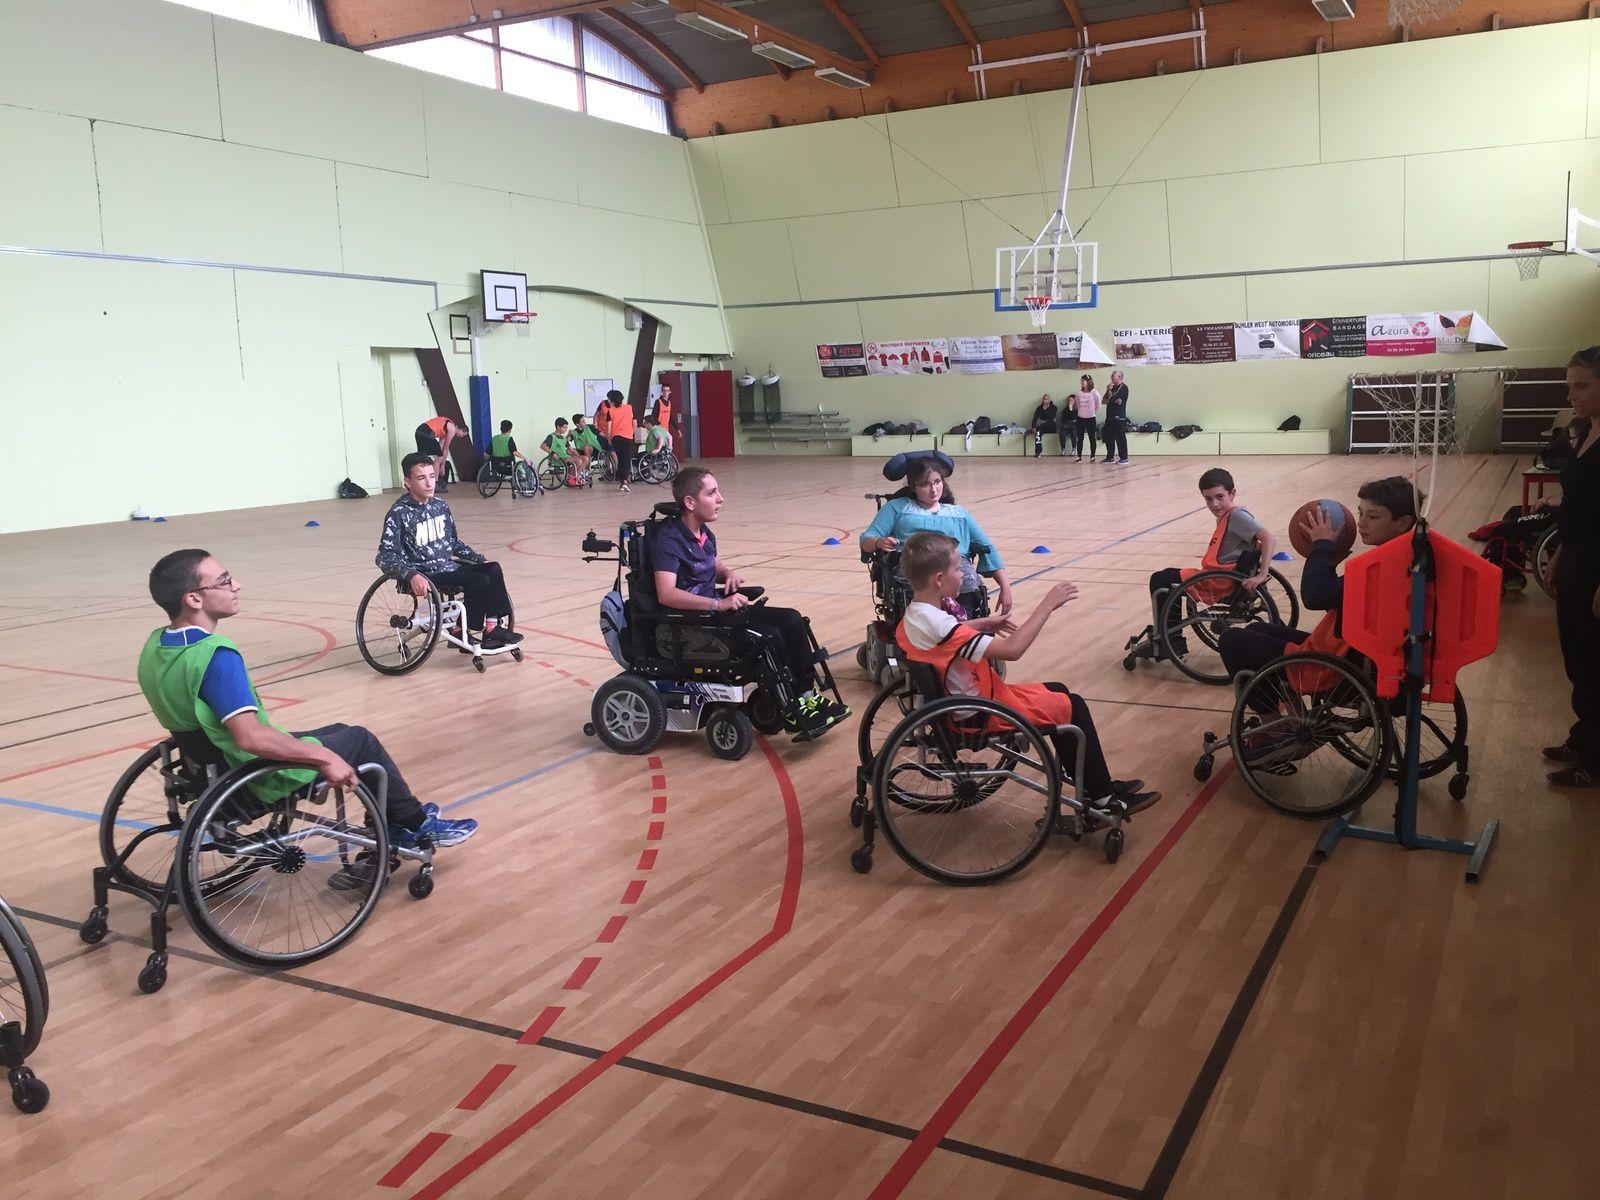 Sortie AS EREA à Eysines pour rencontre en sport partagé Basket-ball